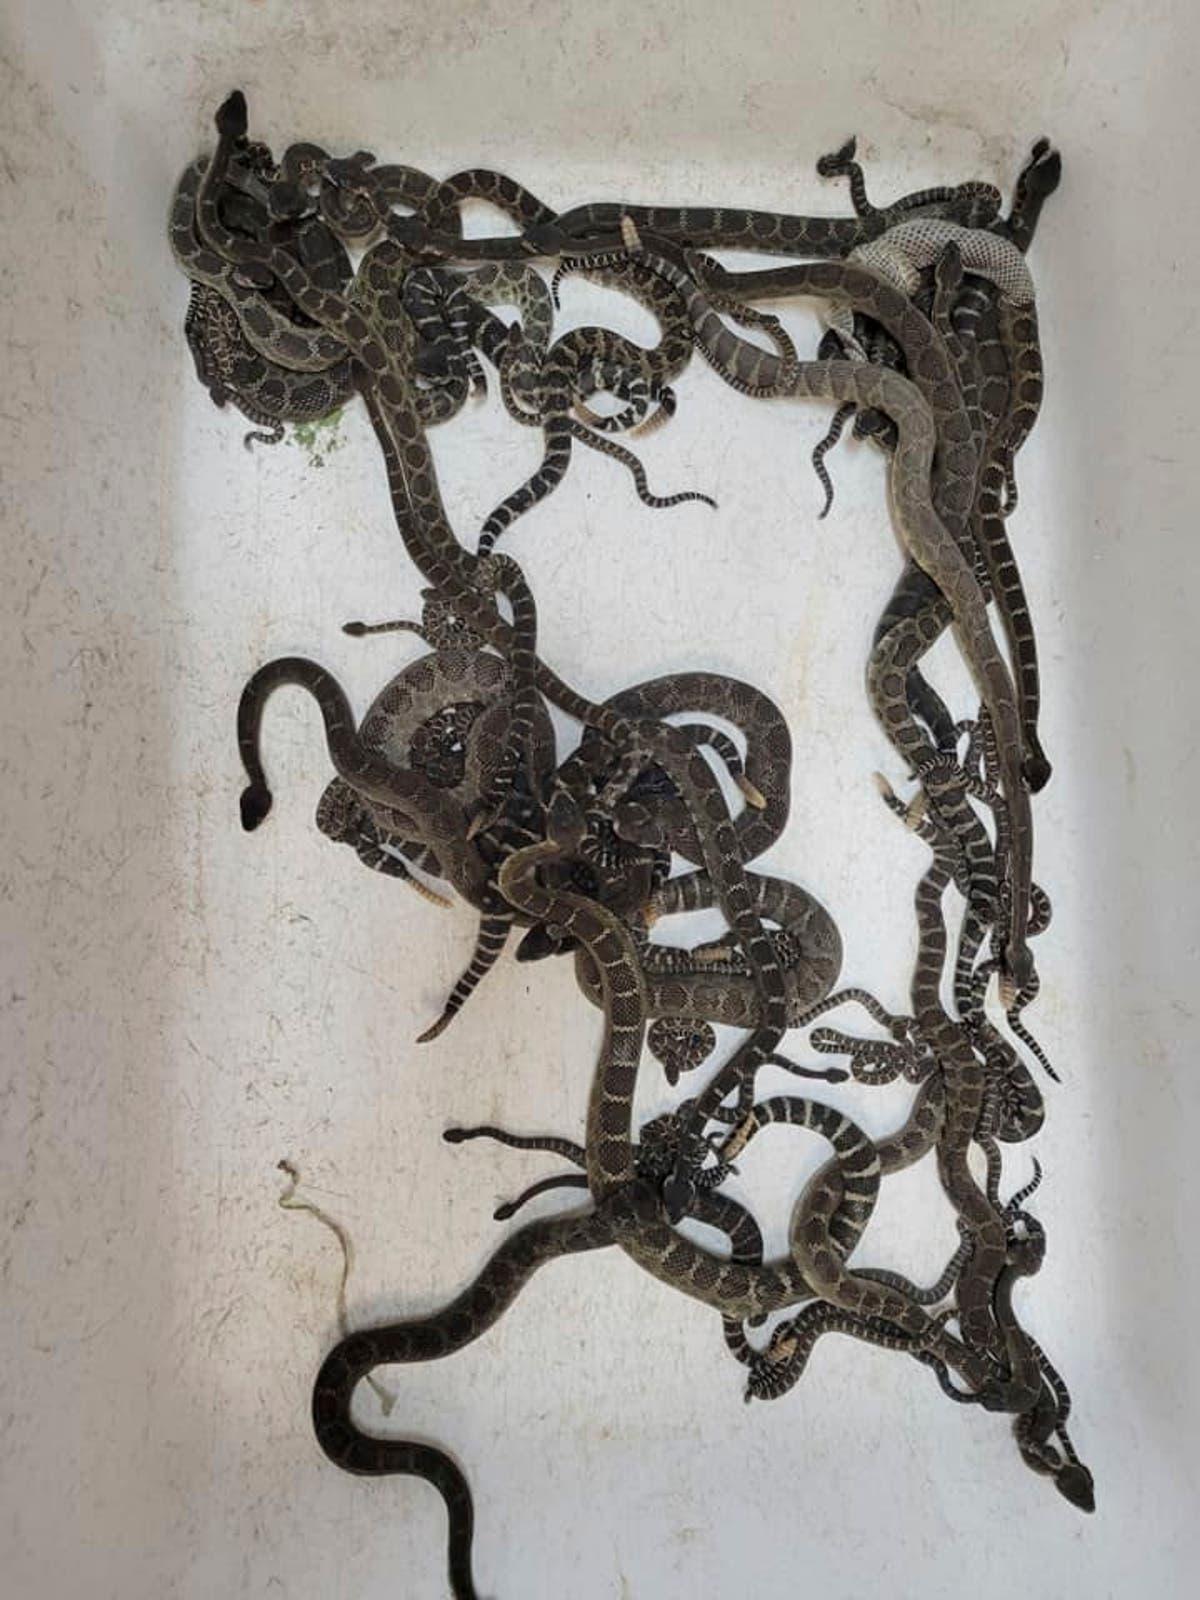 多于 90 在北加州家下发现的蛇